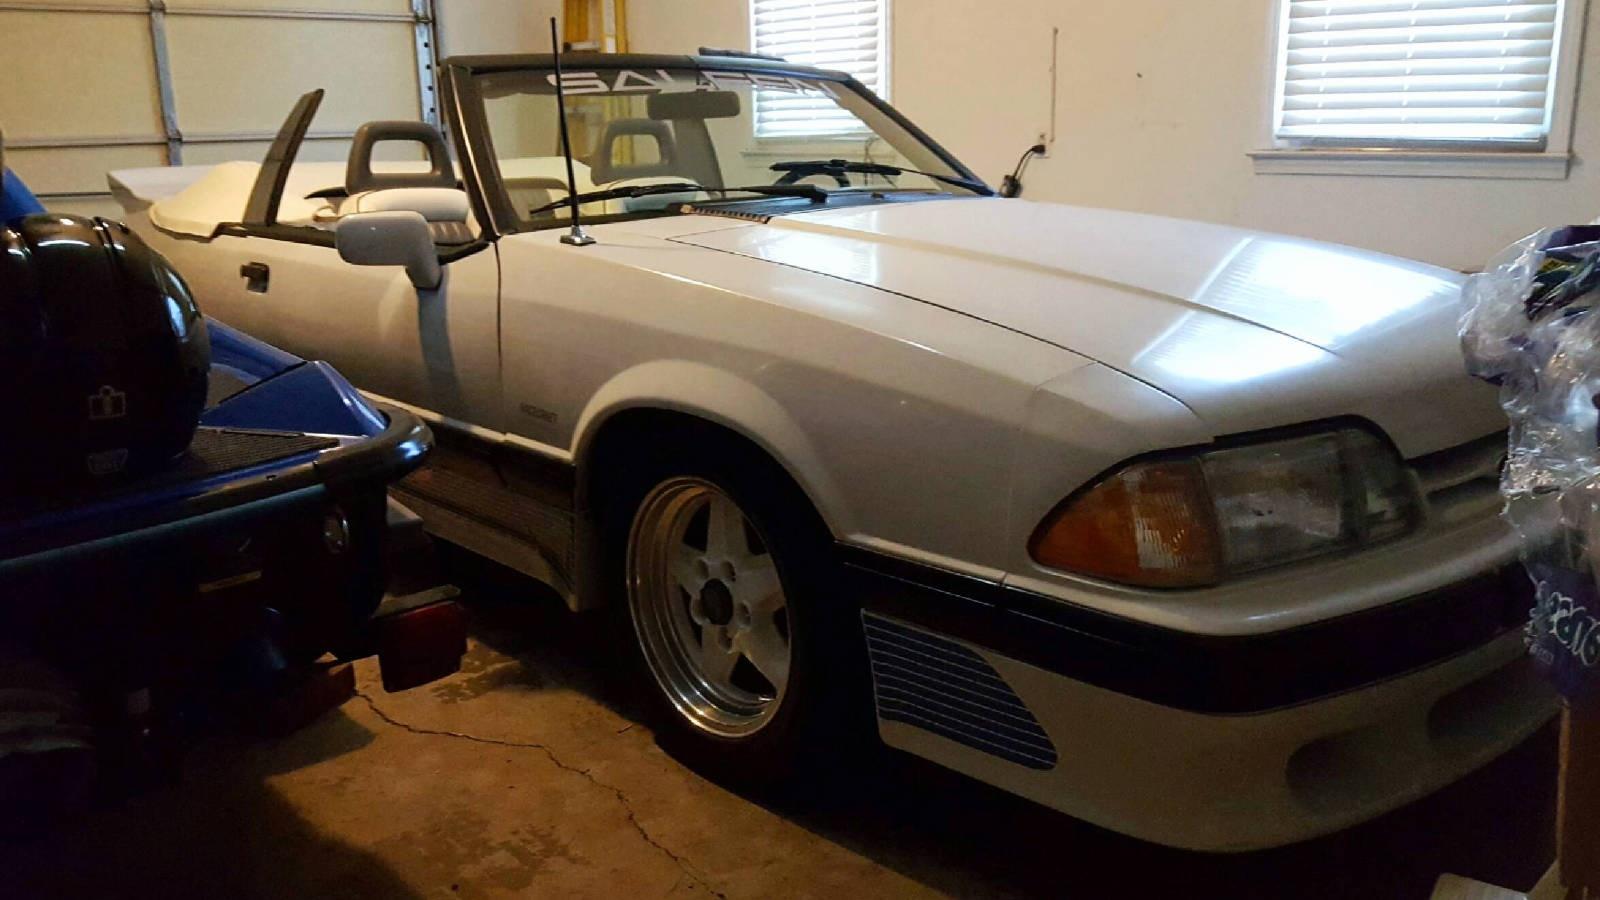 EXCLUSIVE: 1989 Saleen Mustang Convertible ($3k Price Drop!)